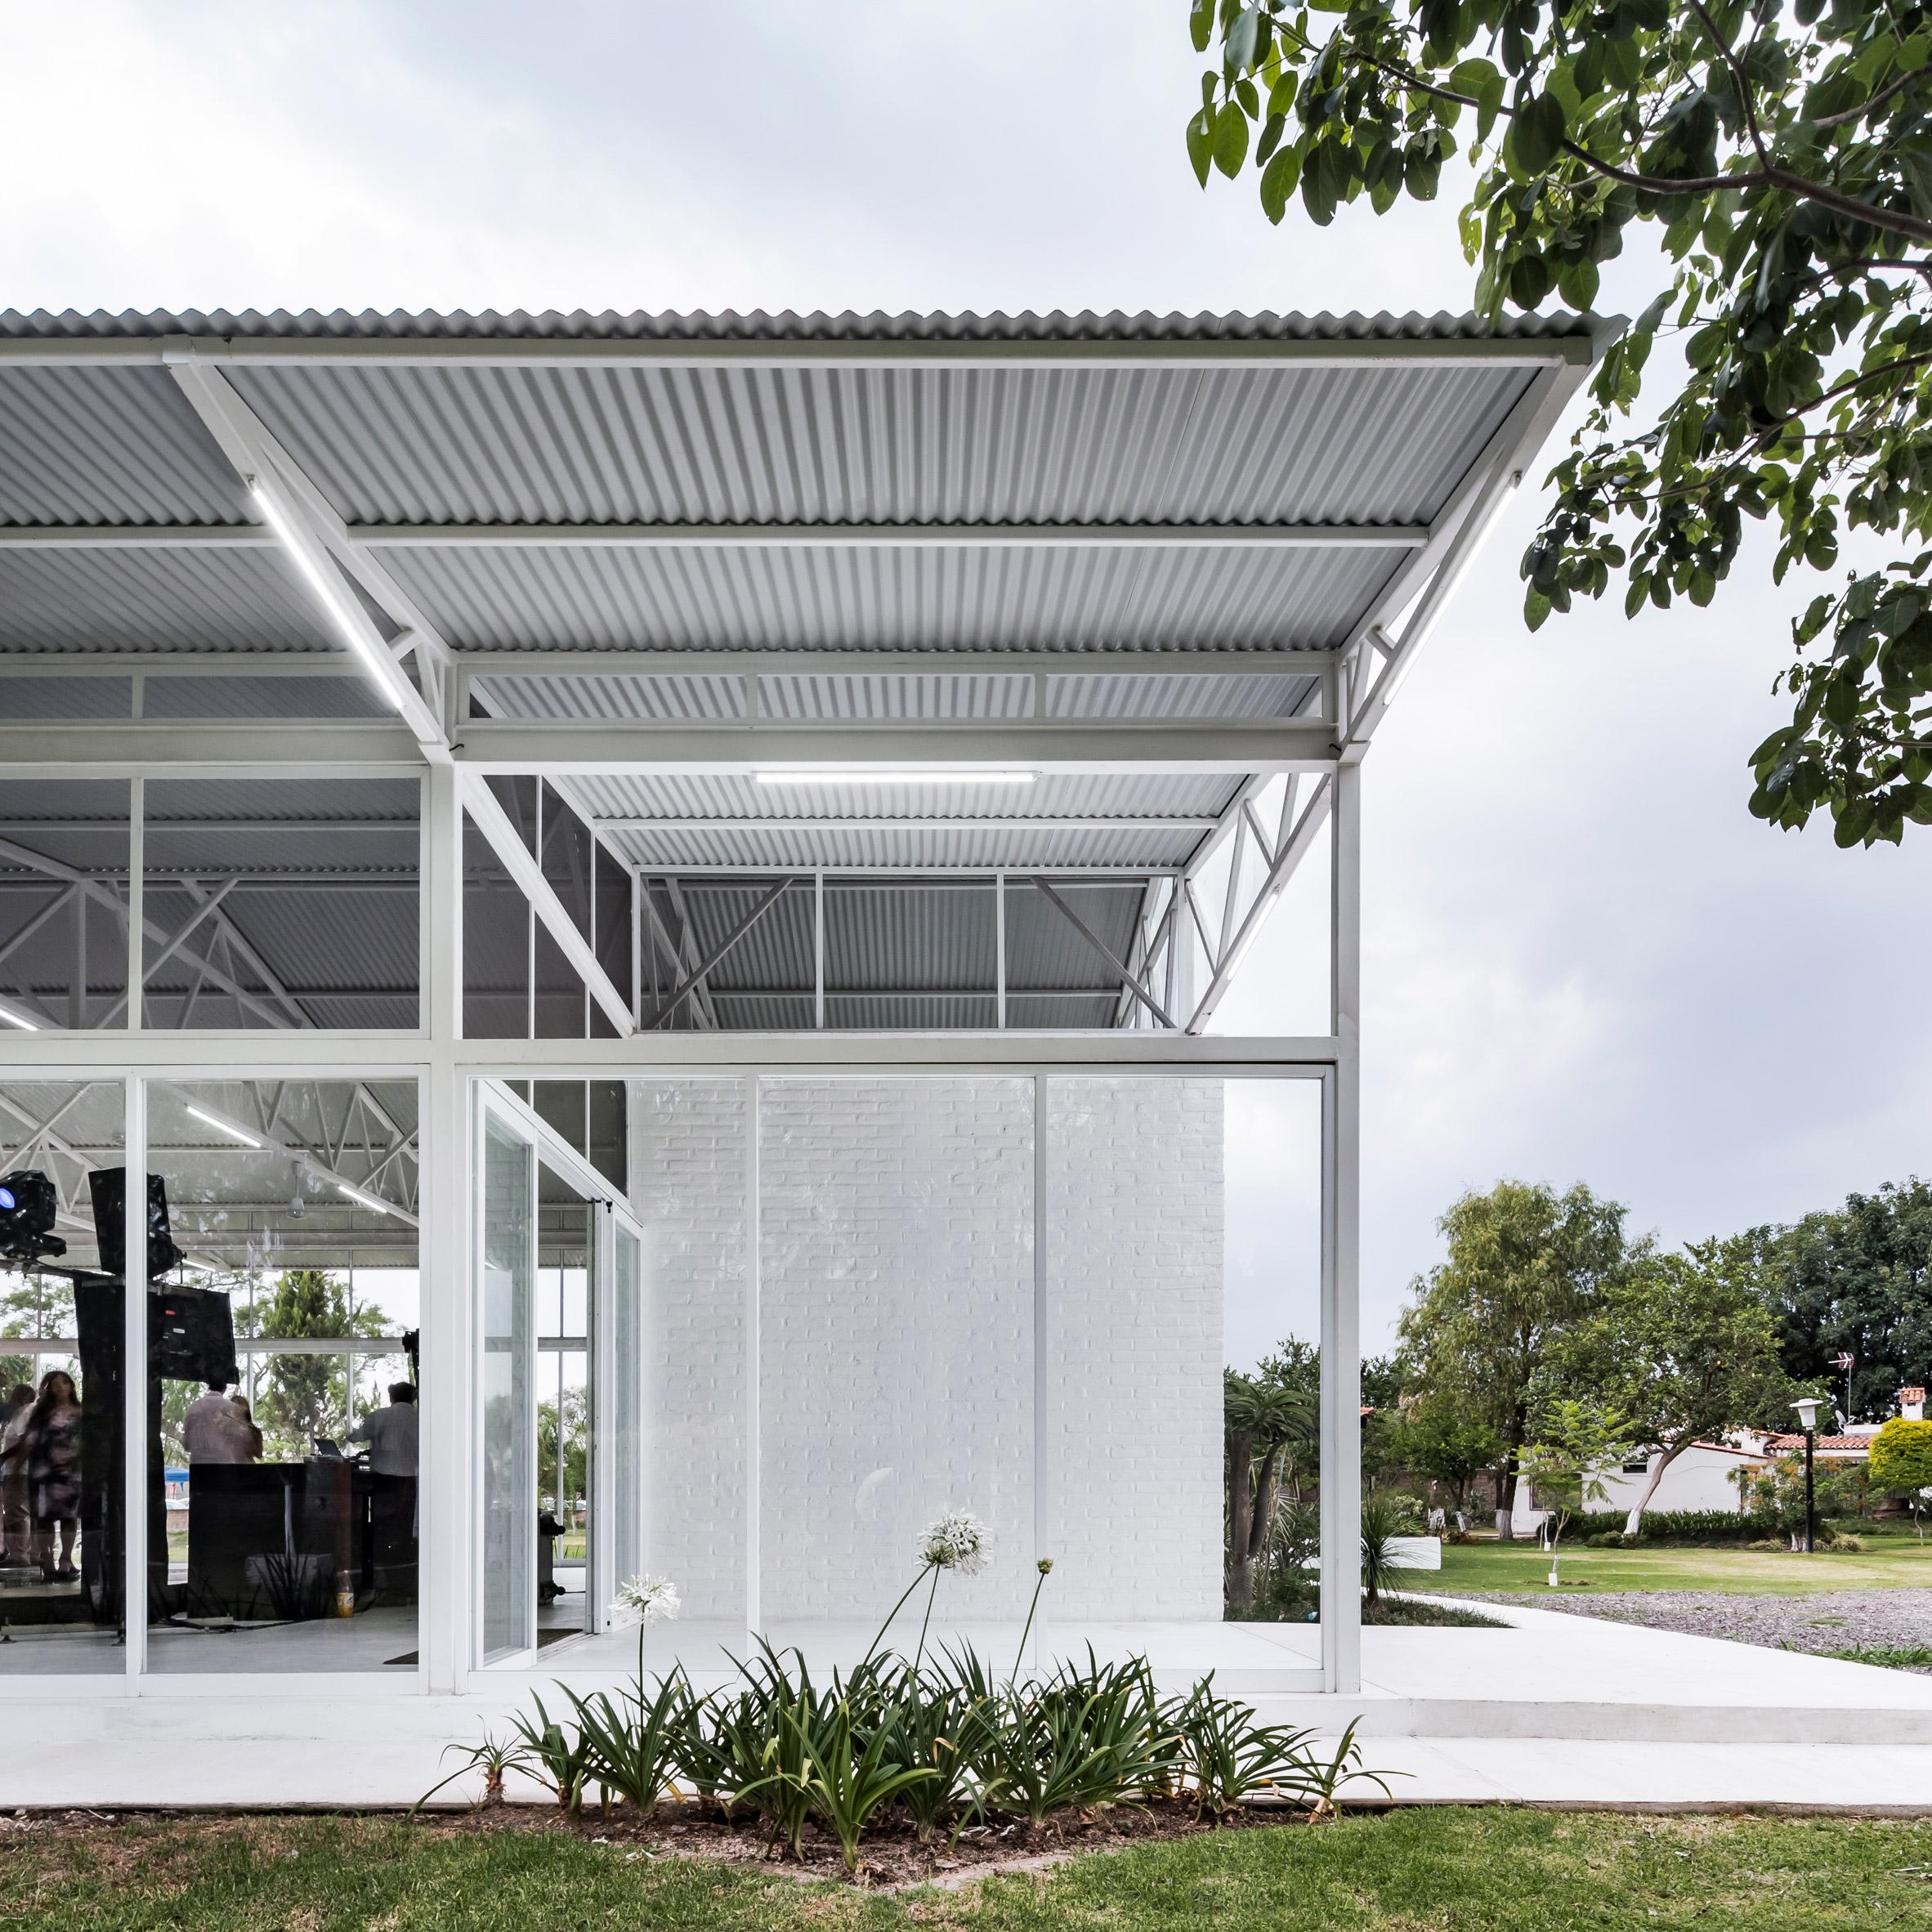 pabellon-avila-abraham-cota-paredes-architecture-pavilion-mexico_dezeen_2364_col_8